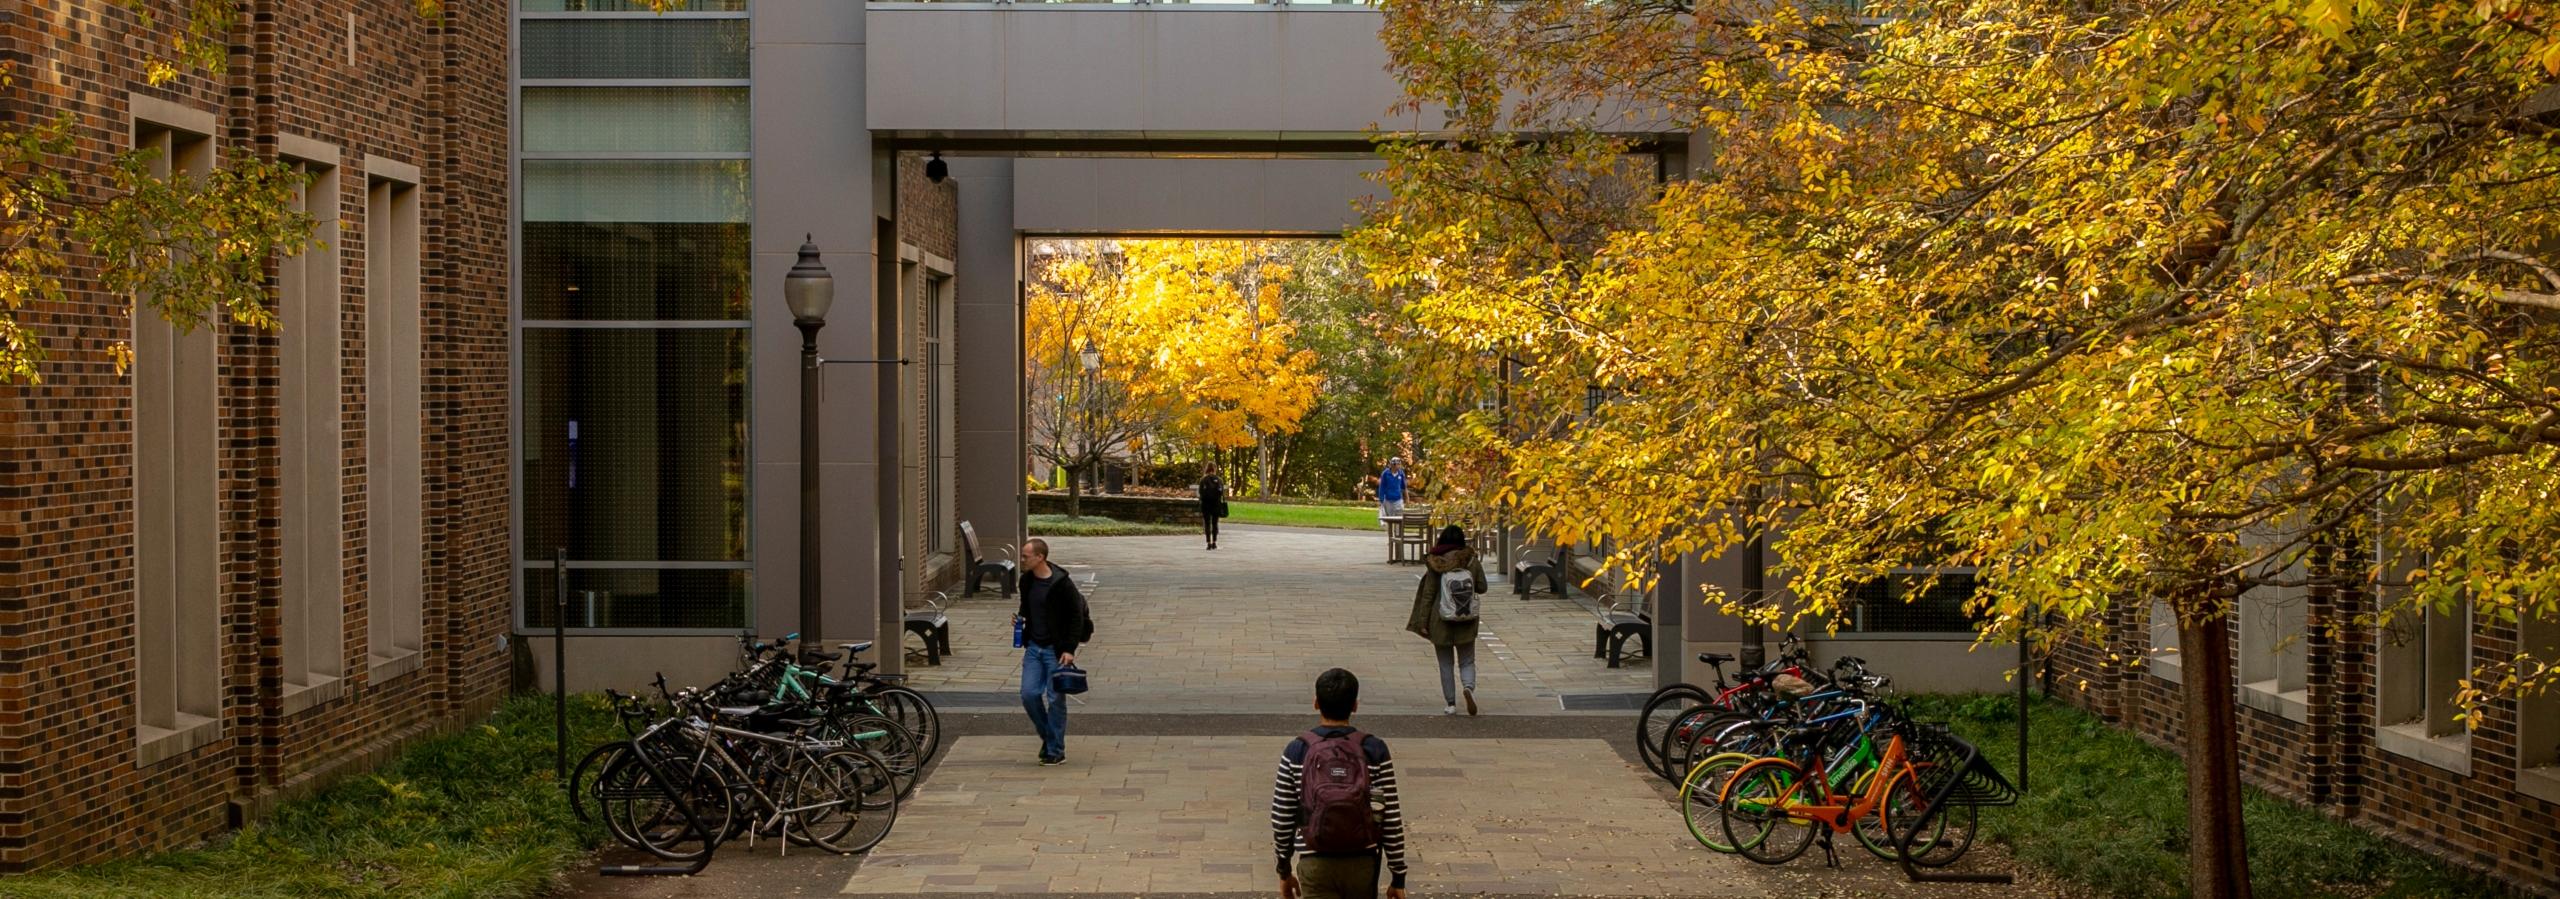 Duke Engineering campus in autumn